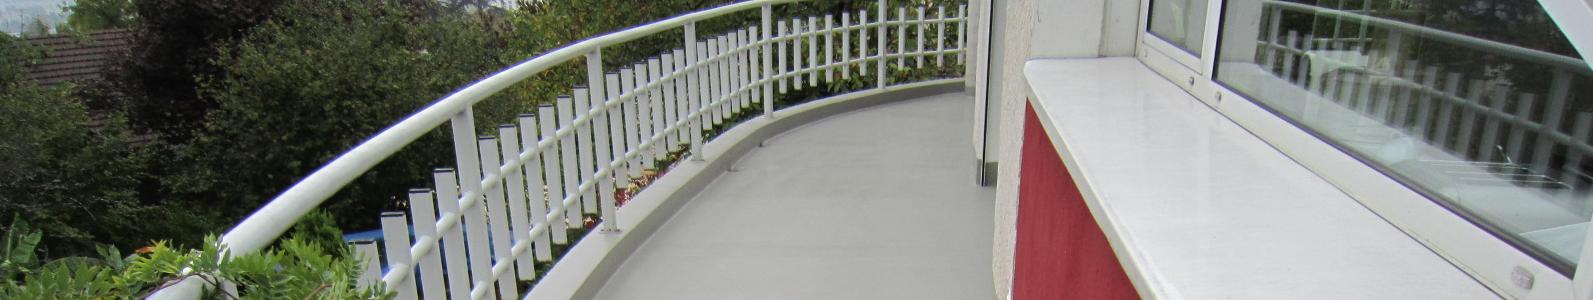 étanchéité liquide sur balcon - Gaillard - Haute-Savoie